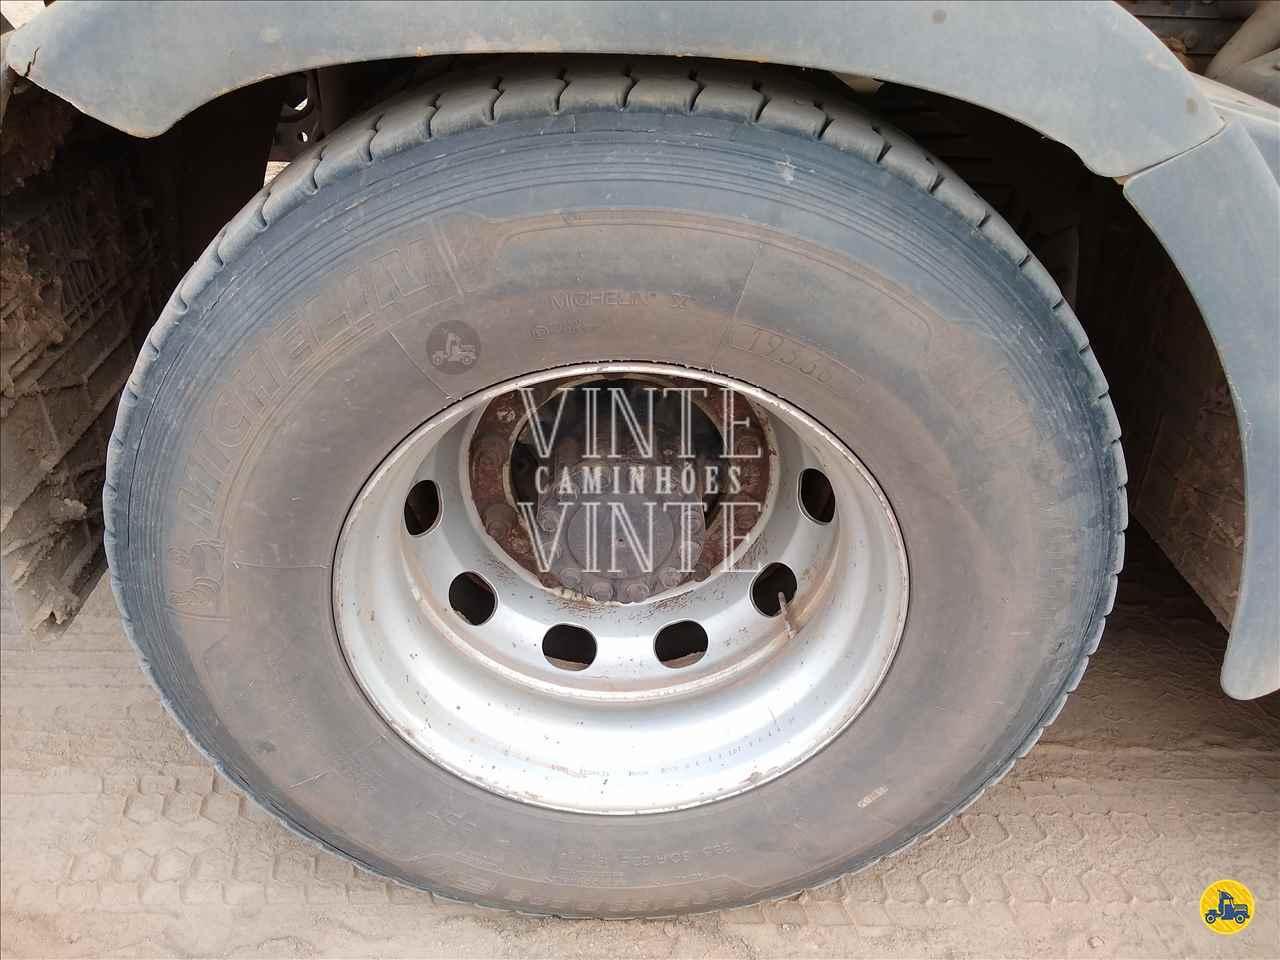 MAN TGX 29 440 430000km 2012/2012 Vinte-Vinte Caminhões